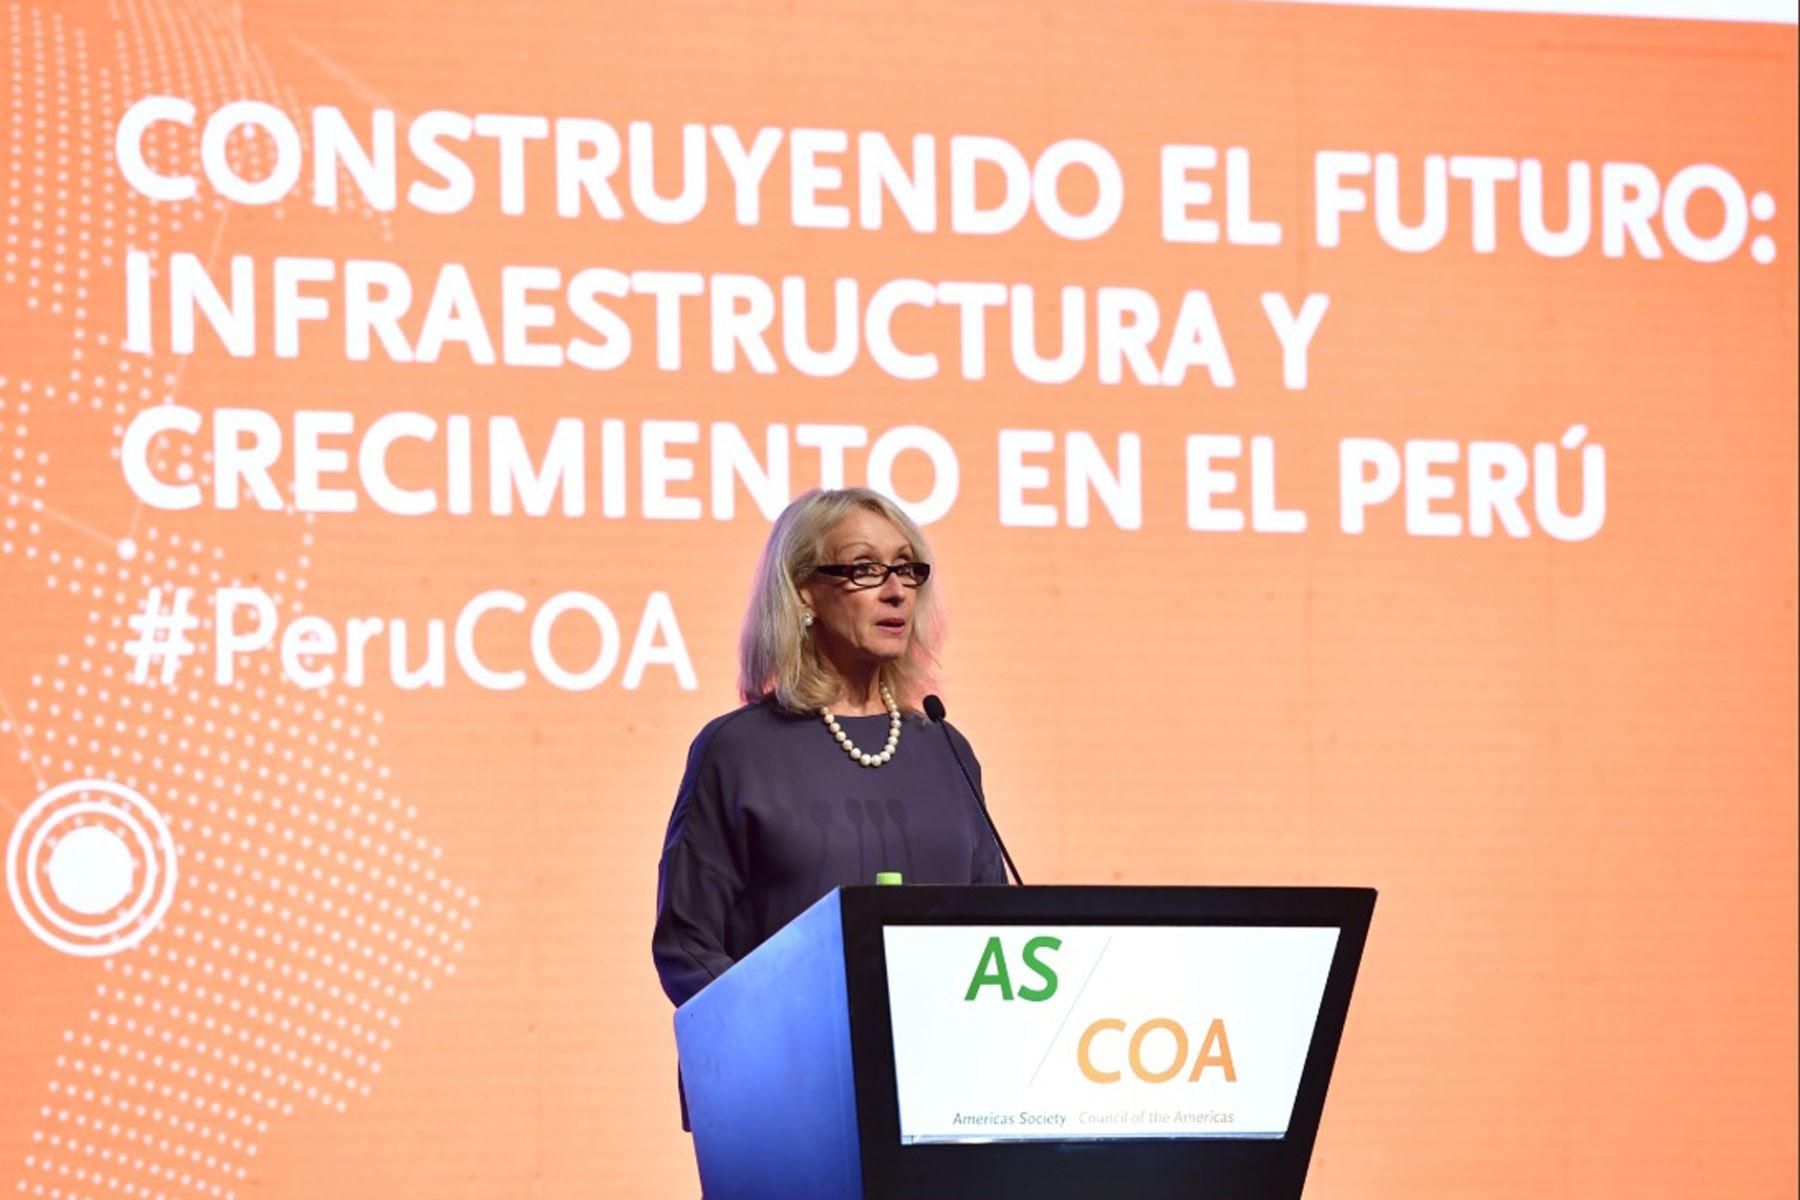 """Vicepresidenta de Americas Society & Council of the Americas(AS/COA), Randy Melzi, participa en la conferencia : """" construyendo el Futuro Infraestructura y crecimiento en el Perú """". Foto: Cancillería del Perú"""